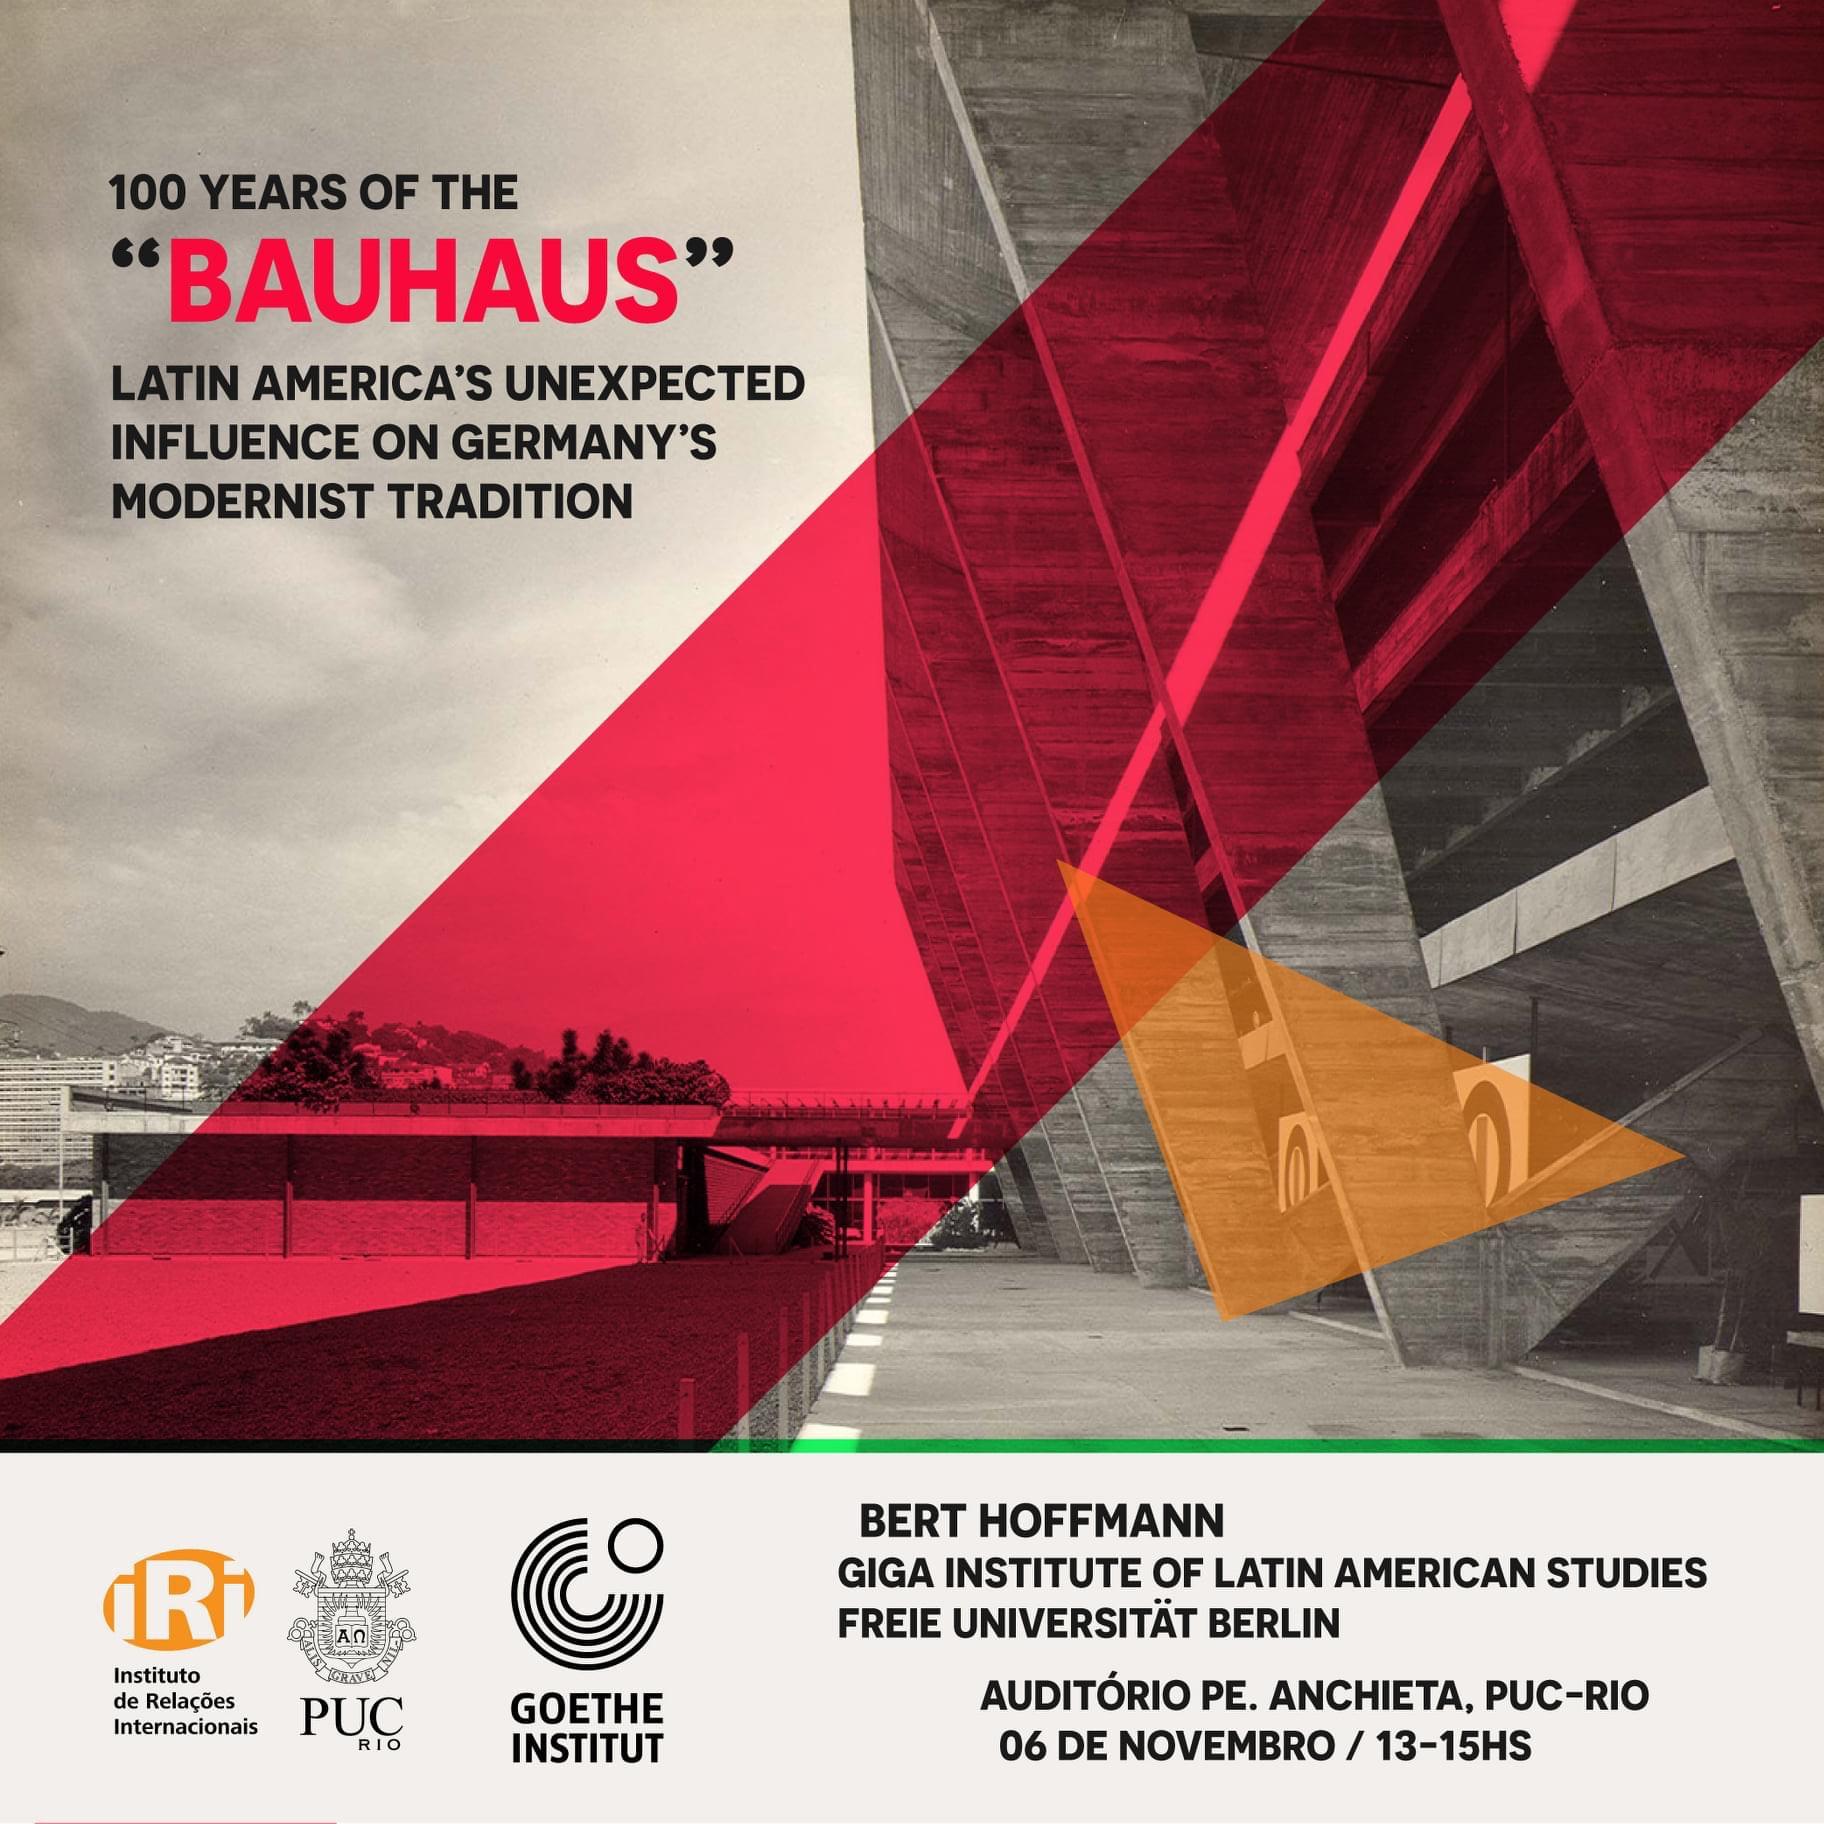 """100 anos de """"Bauhaus"""": A inesperada influência da América Latina na tradição modernista alemã"""